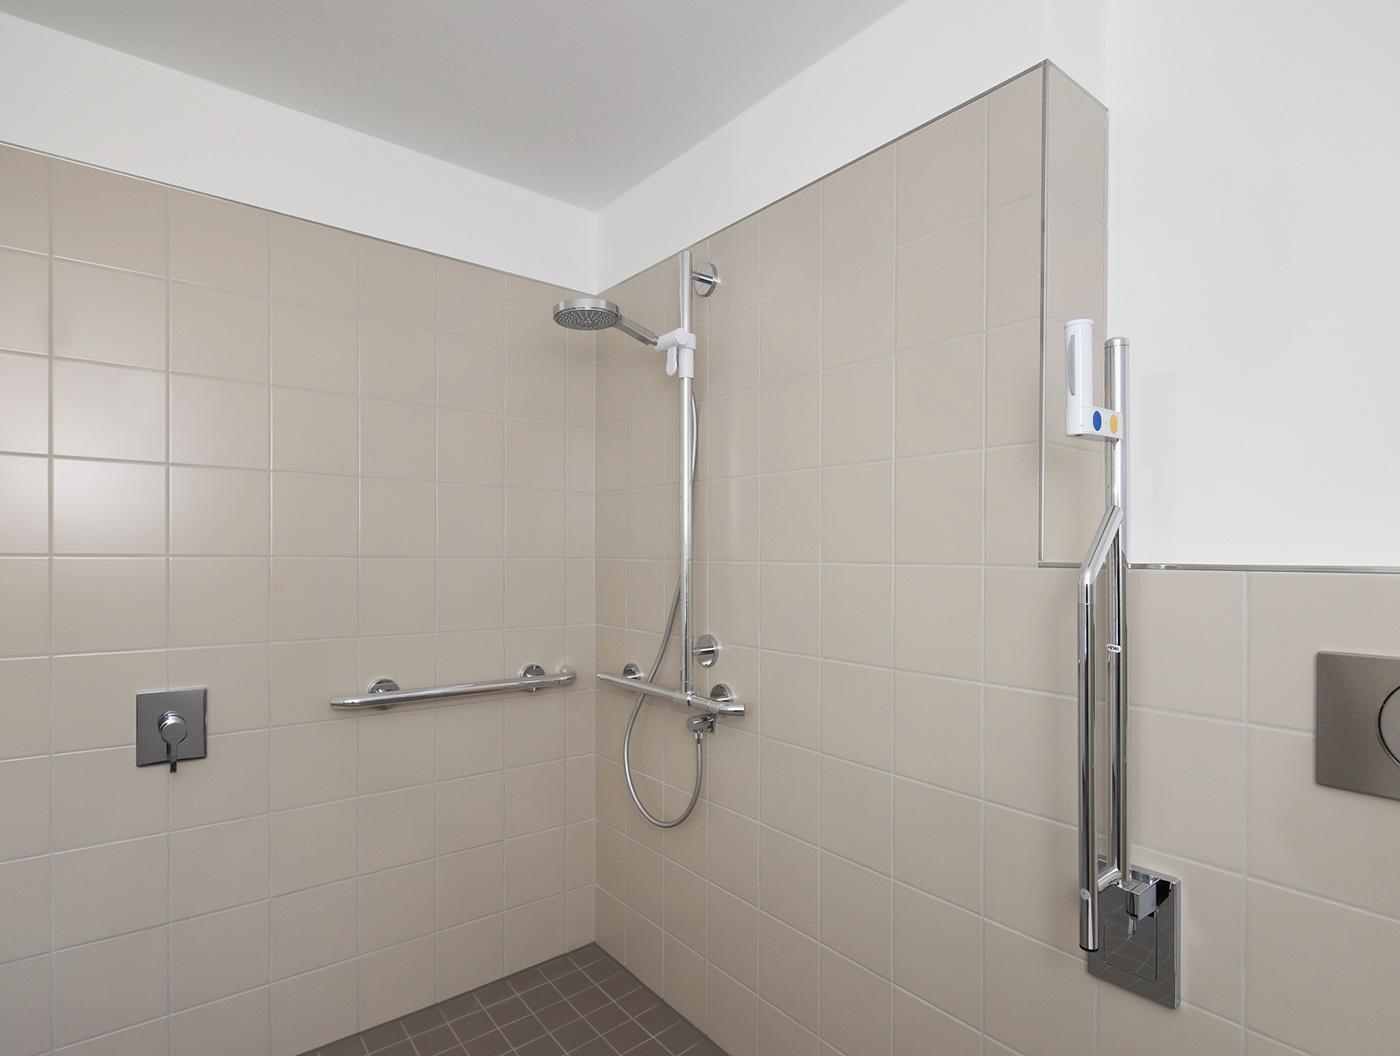 Full Size of Behindertengerechte Dusche Barrierefreie Pflegede Mischbatterie Rainshower Thermostat Bodengleiche Nachträglich Einbauen Glasabtrennung Glastür Glastrennwand Dusche Behindertengerechte Dusche